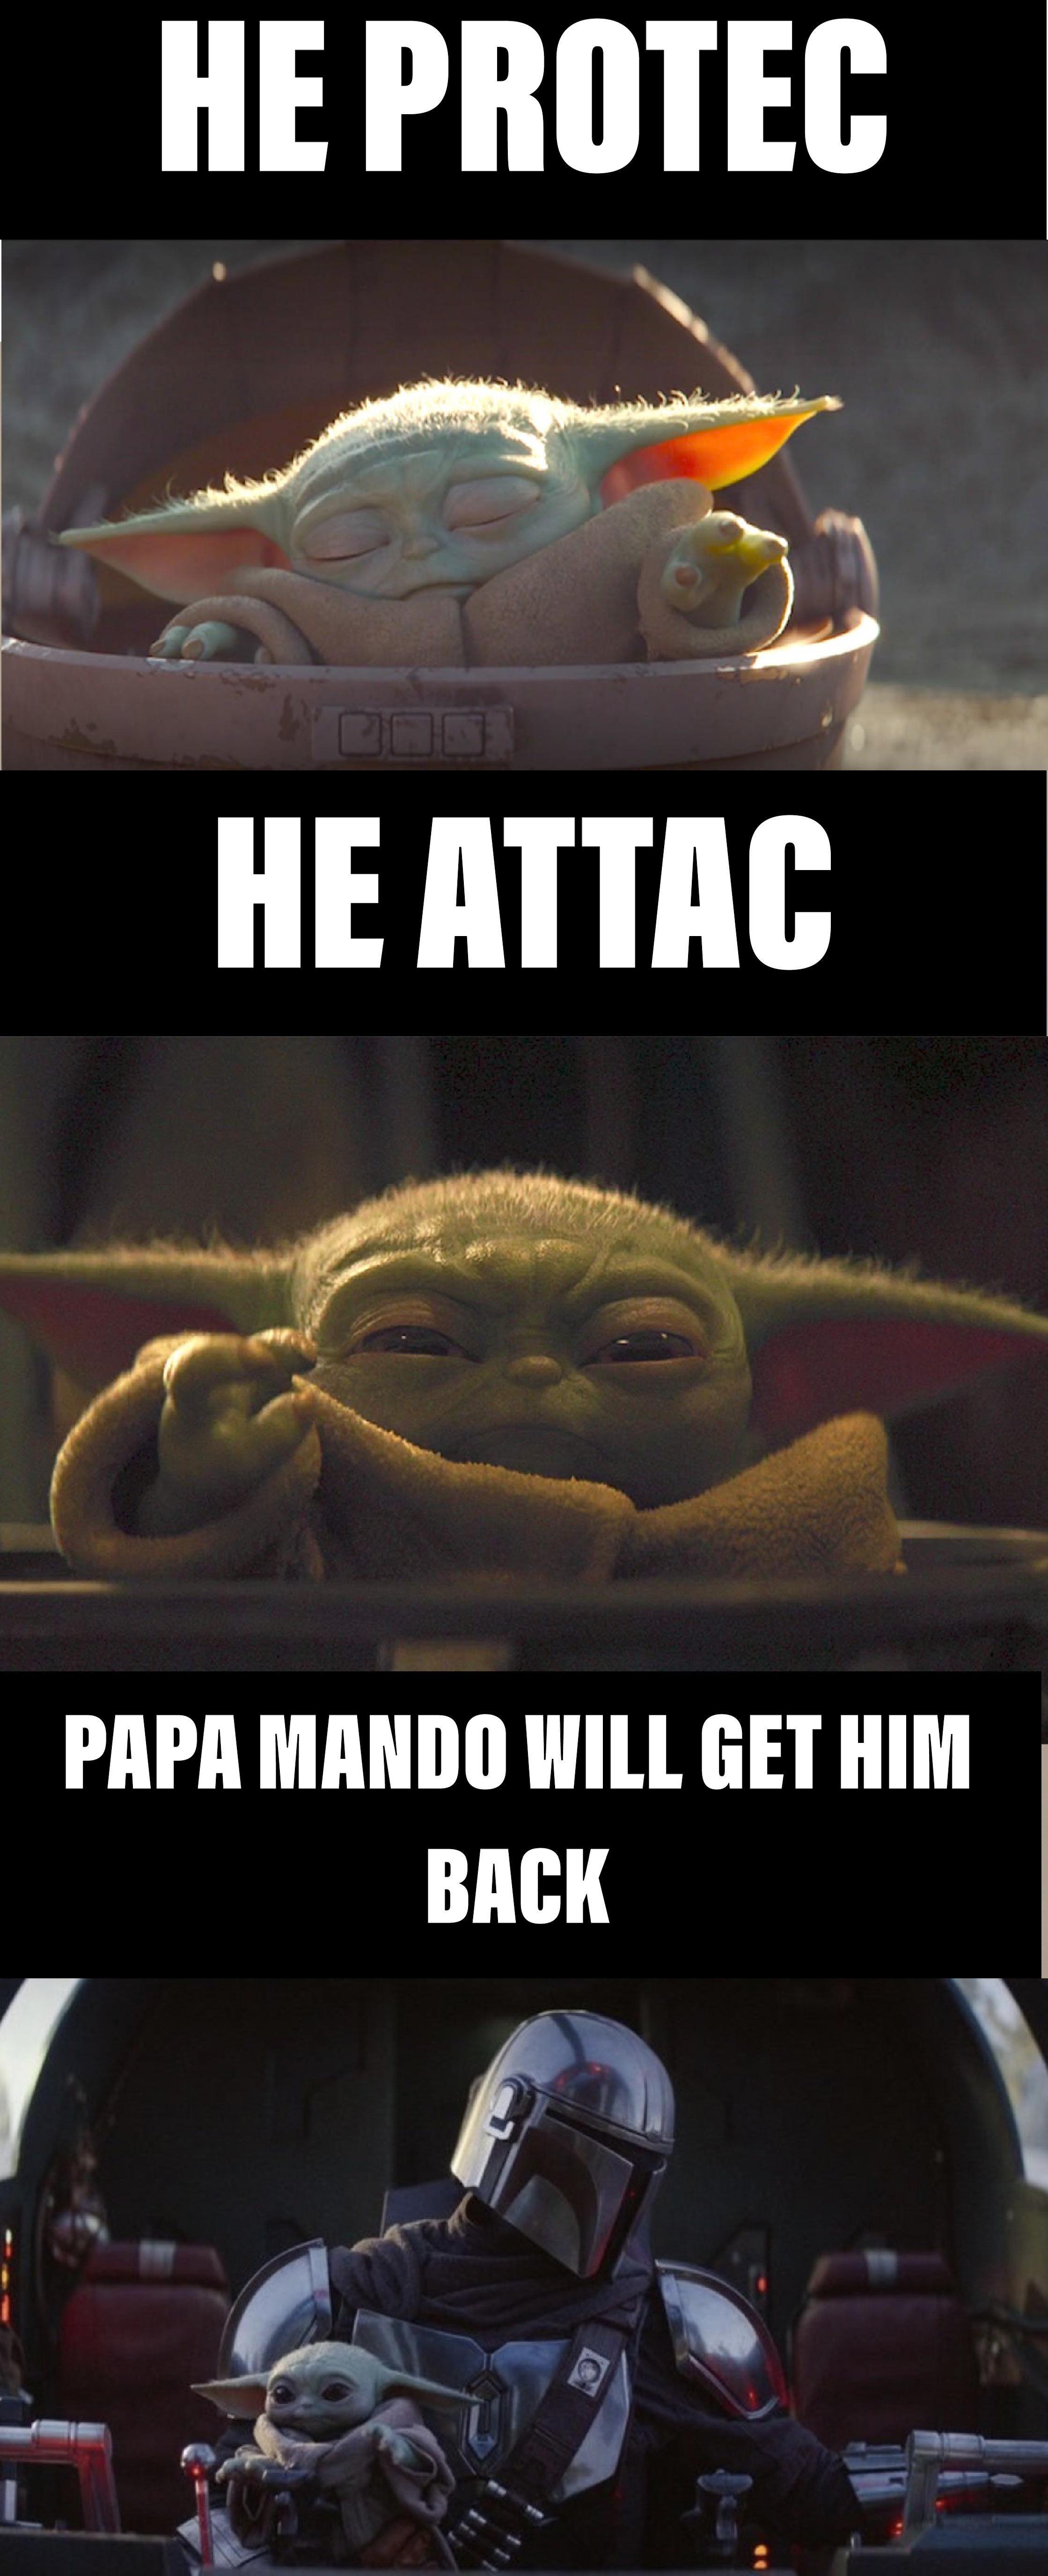 Pin By Isabella On Yoda Memes Star Wars Humor Star Wars Facts Star Wars Memes